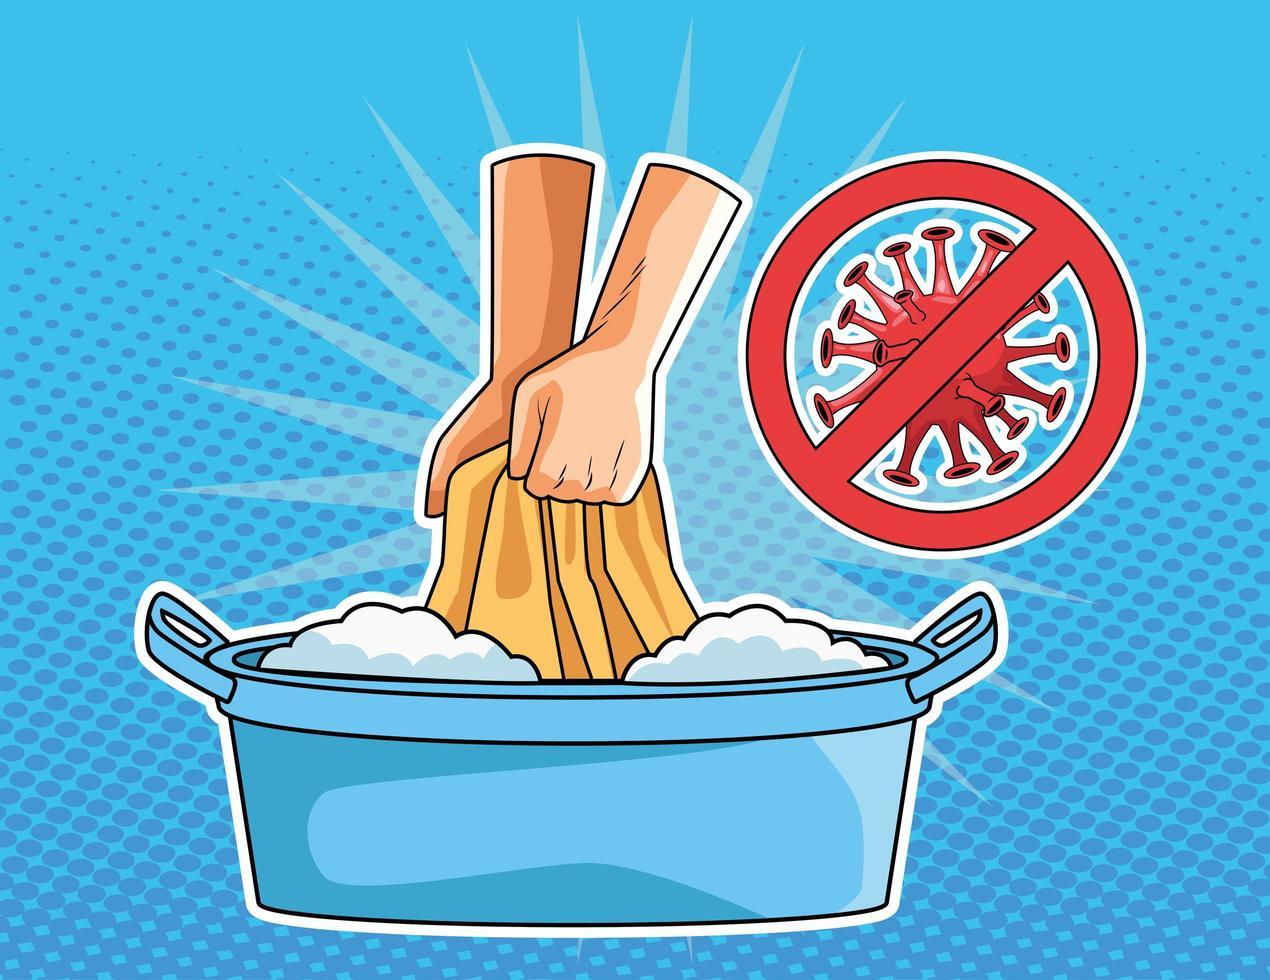 Prävention von Wäsche waschen vektor